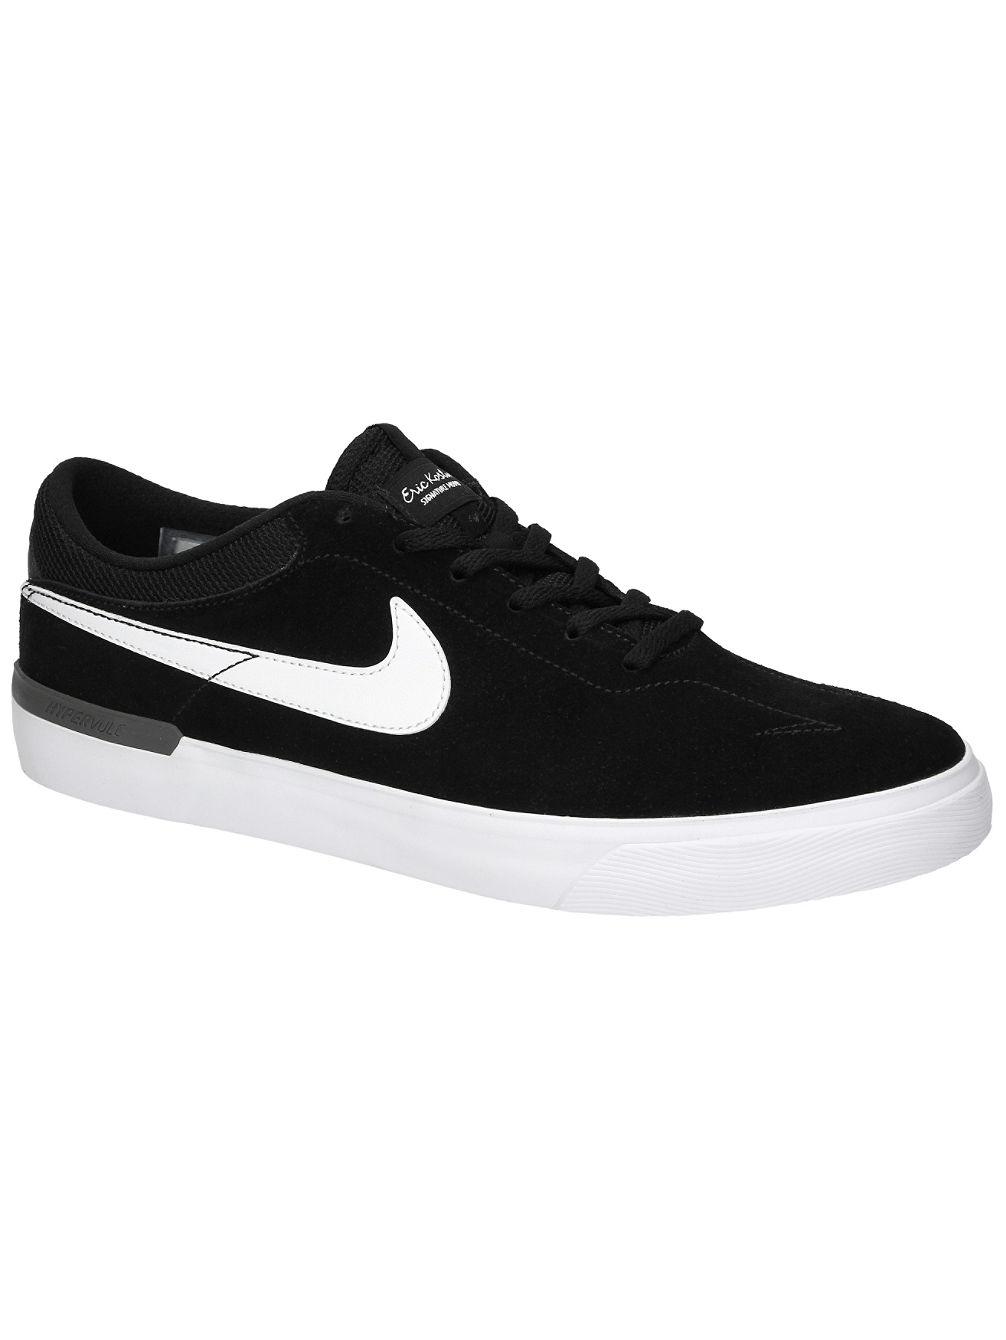 feedd65ddfe Buy Nike Koston Hypervulc Skate Shoes online at blue-tomato.com